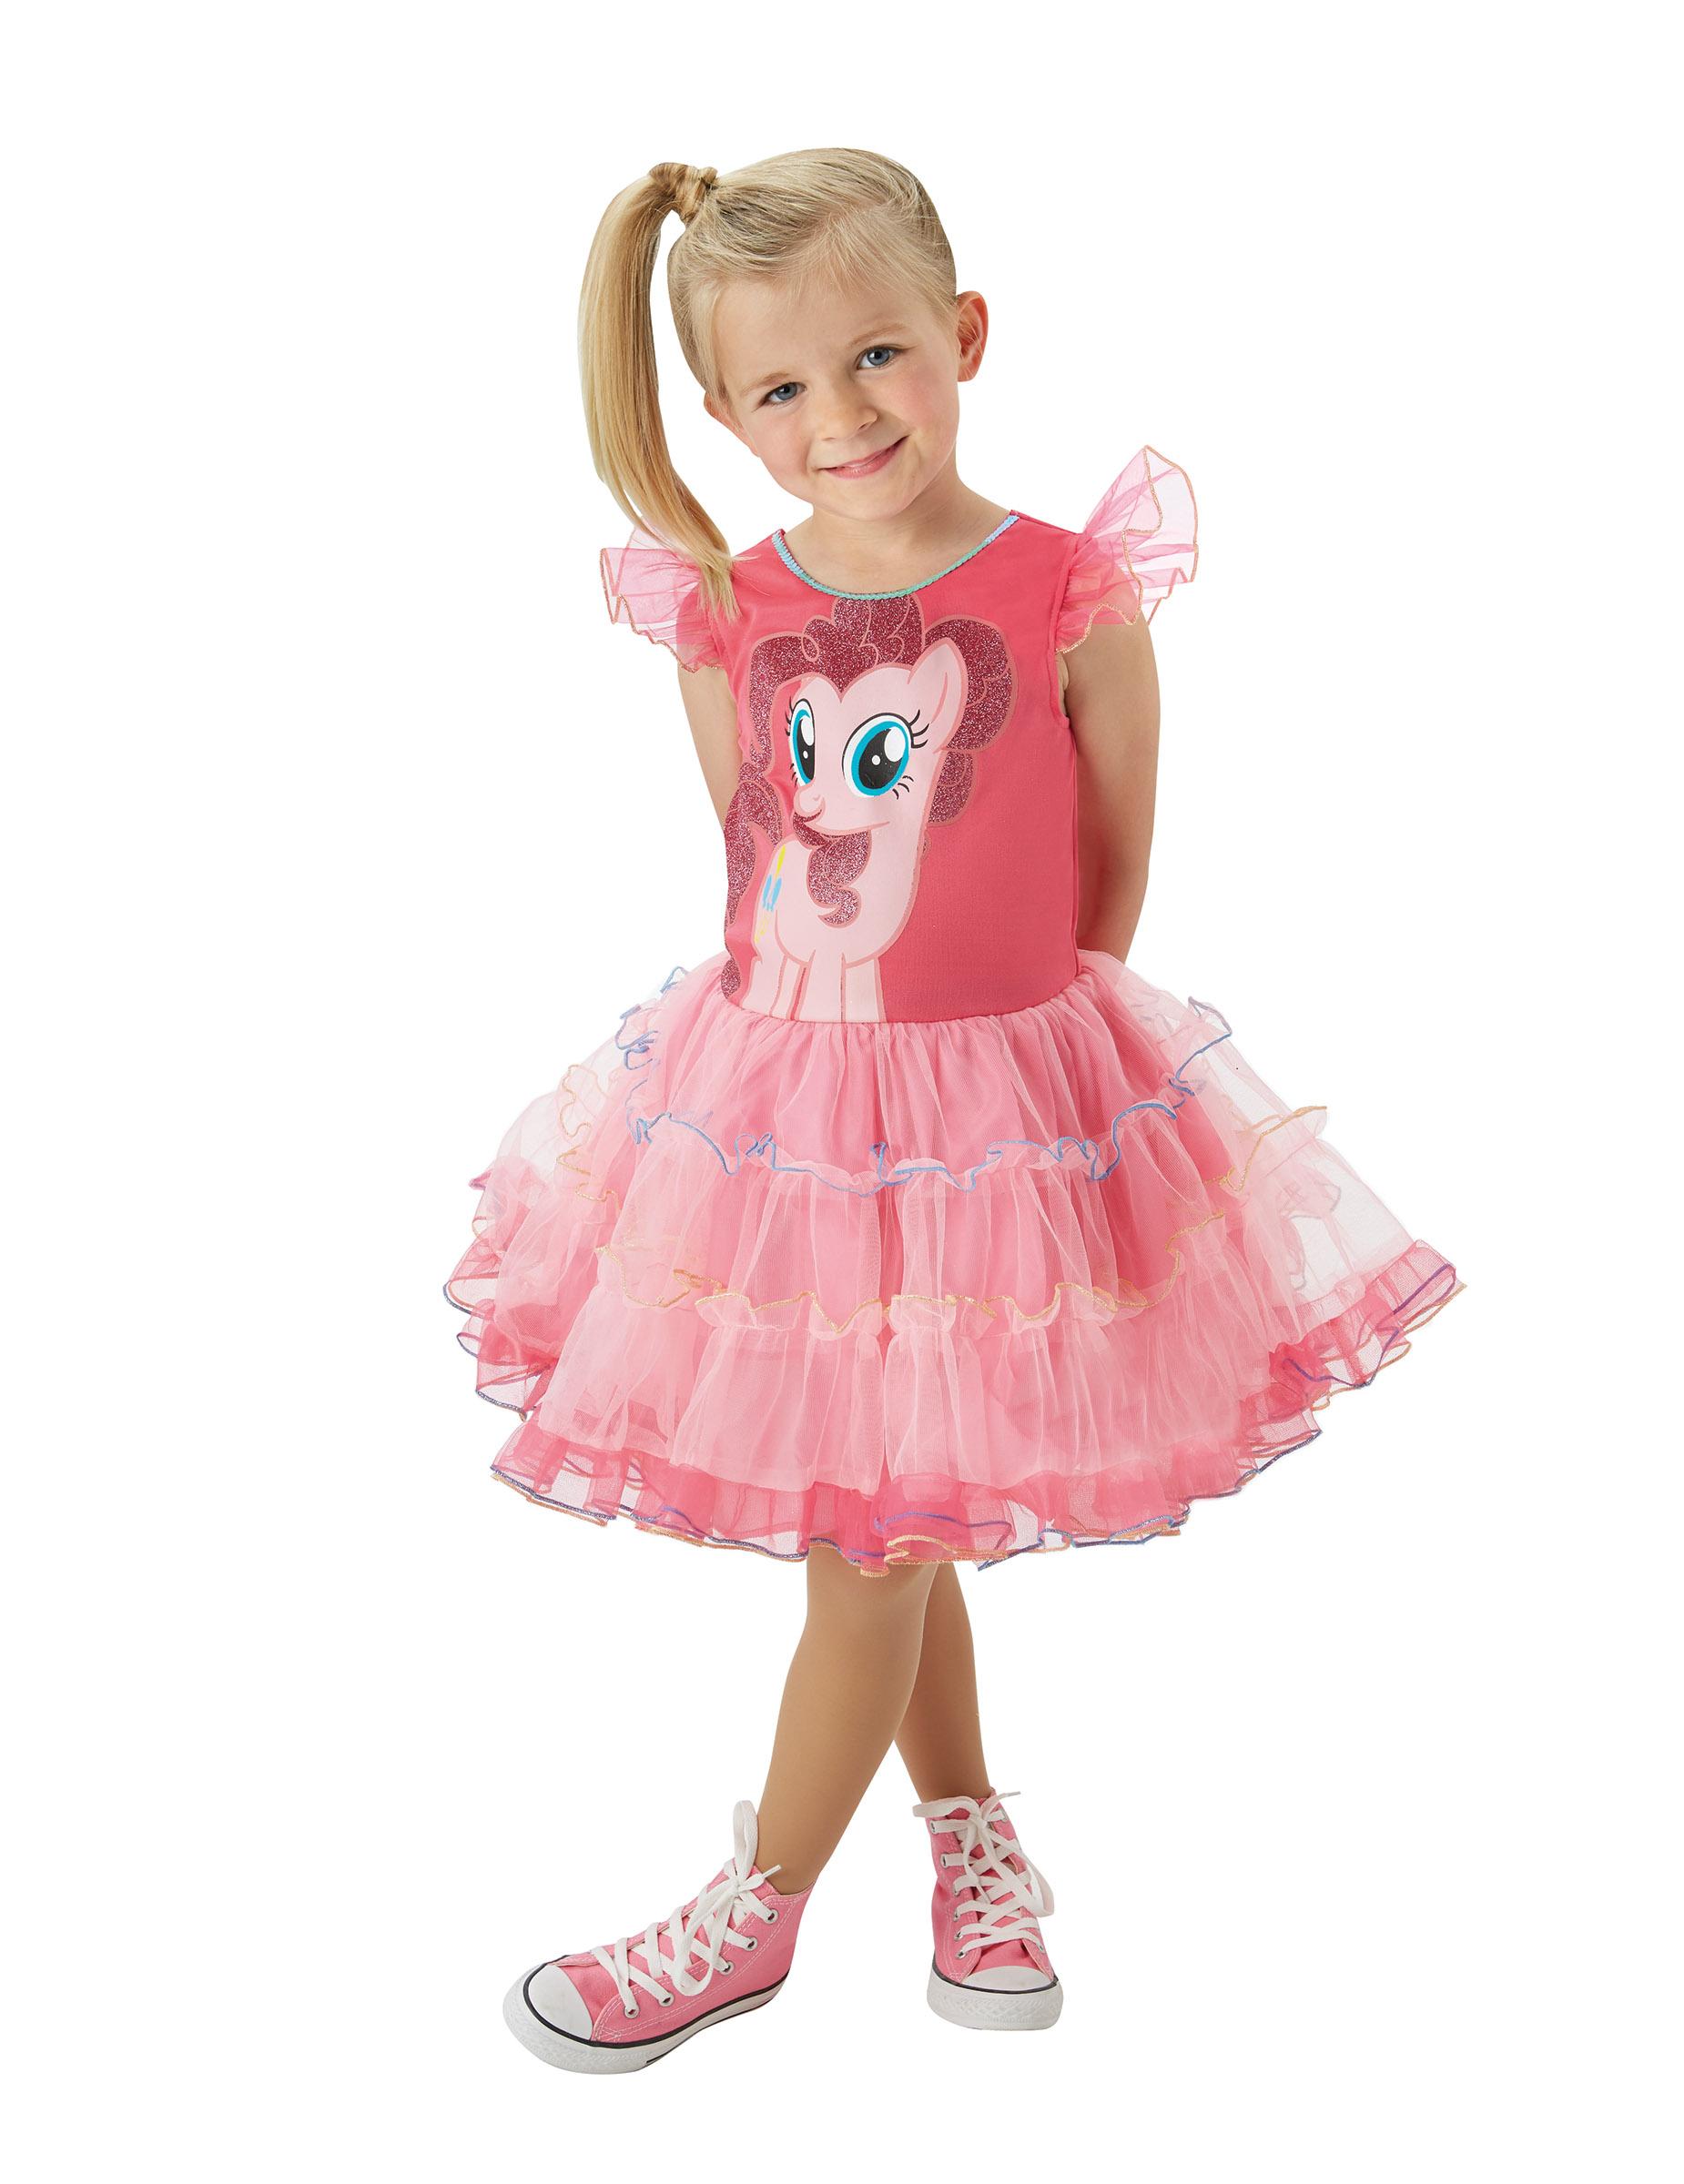 Disfraces niños Pequeño Pony 2-5 años, trajes de Carnaval niña y ...